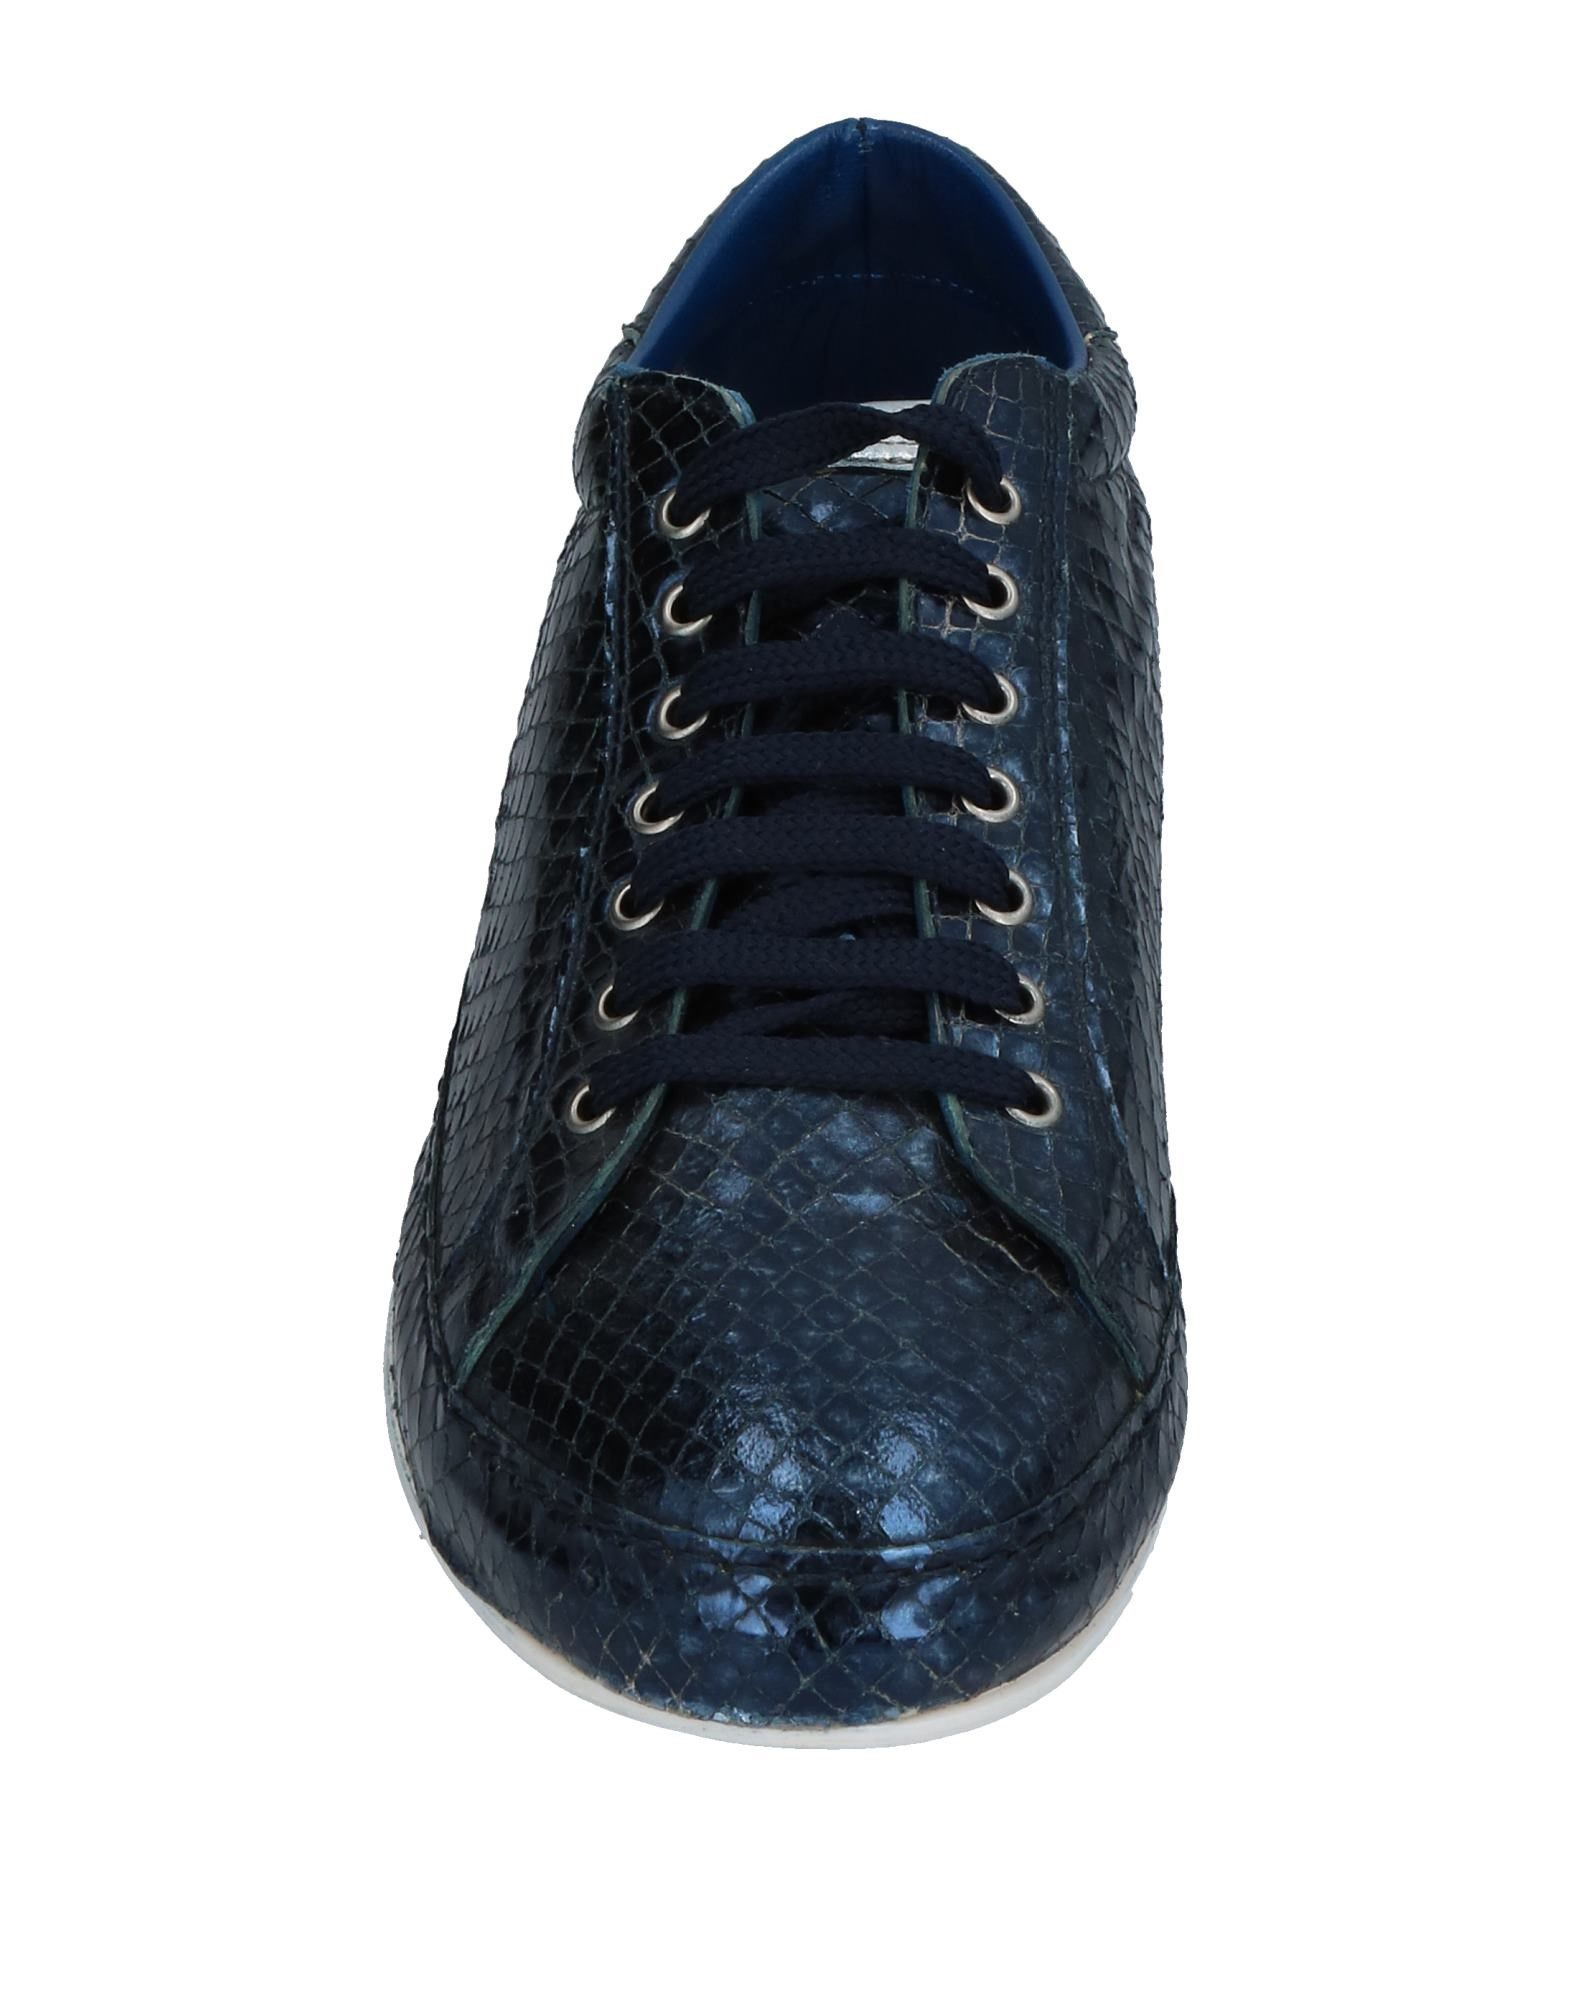 Ottod'ame Sneakers Sneakers Ottod'ame Damen  11401845LJ 2a39bd